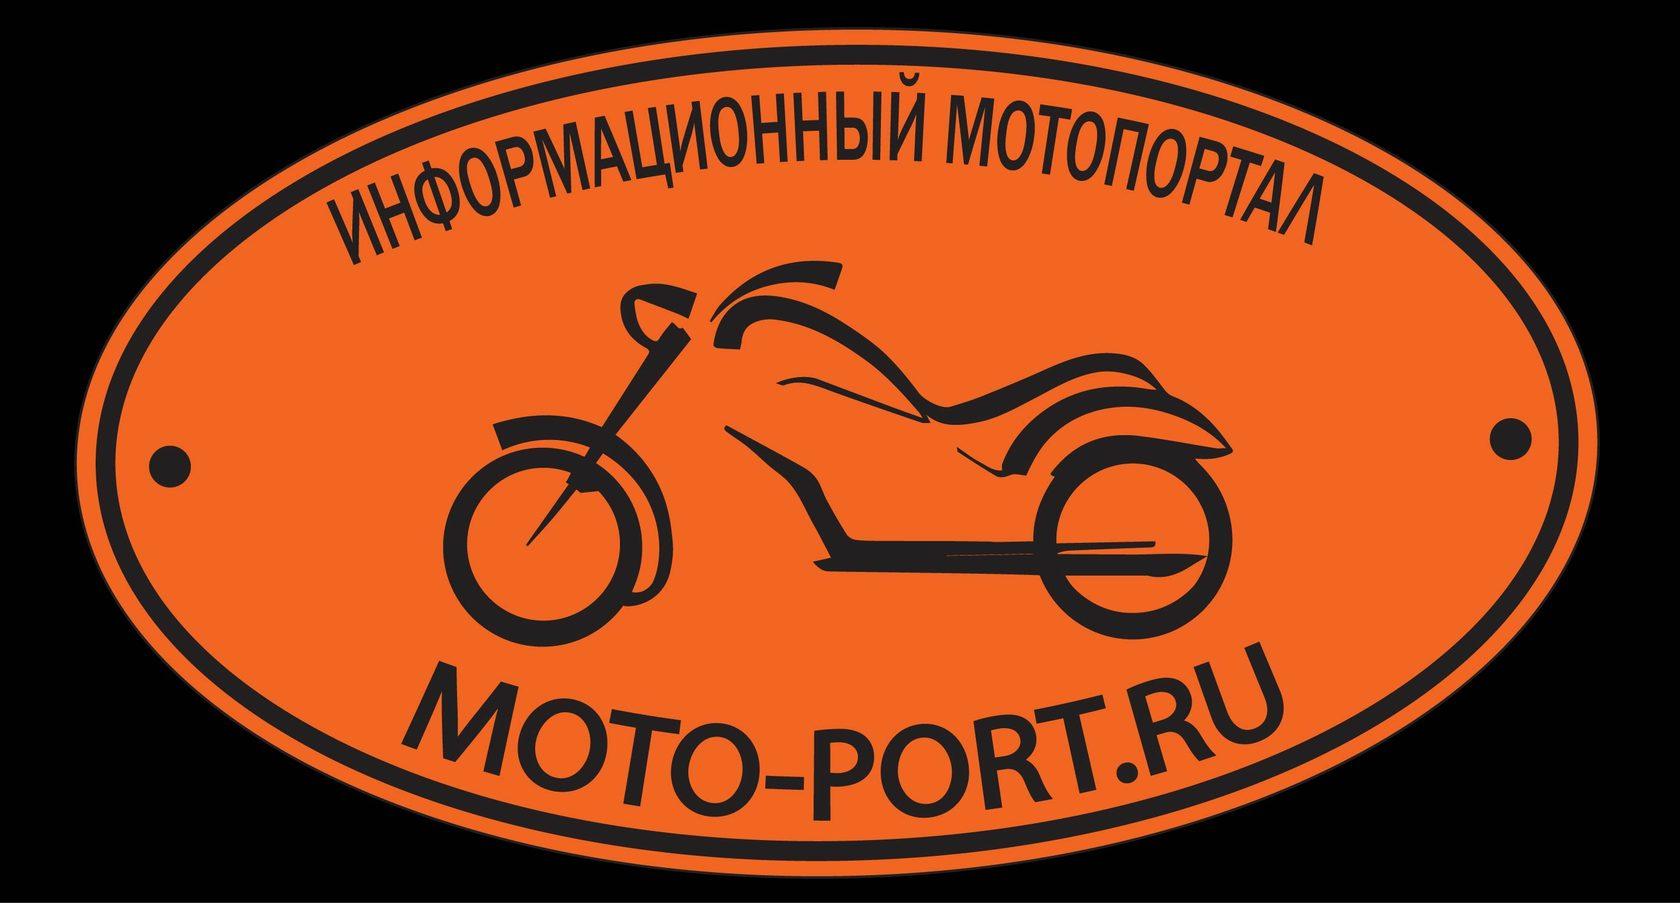 moto-port.ru